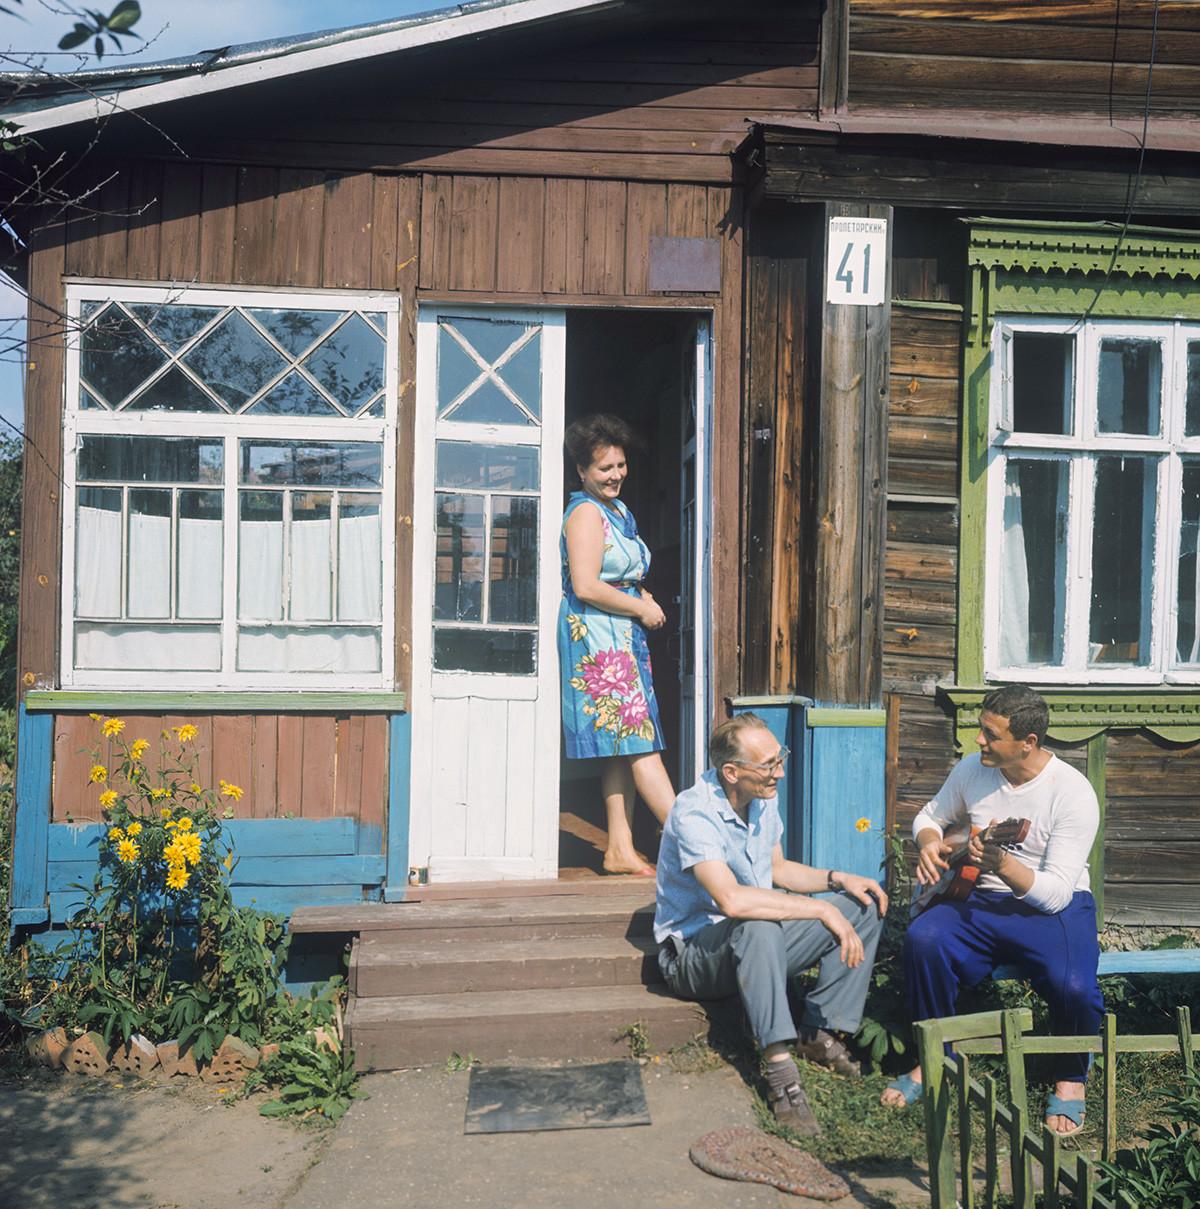 Летчик-космонавт СССР Владислав Волков на даче с семьей